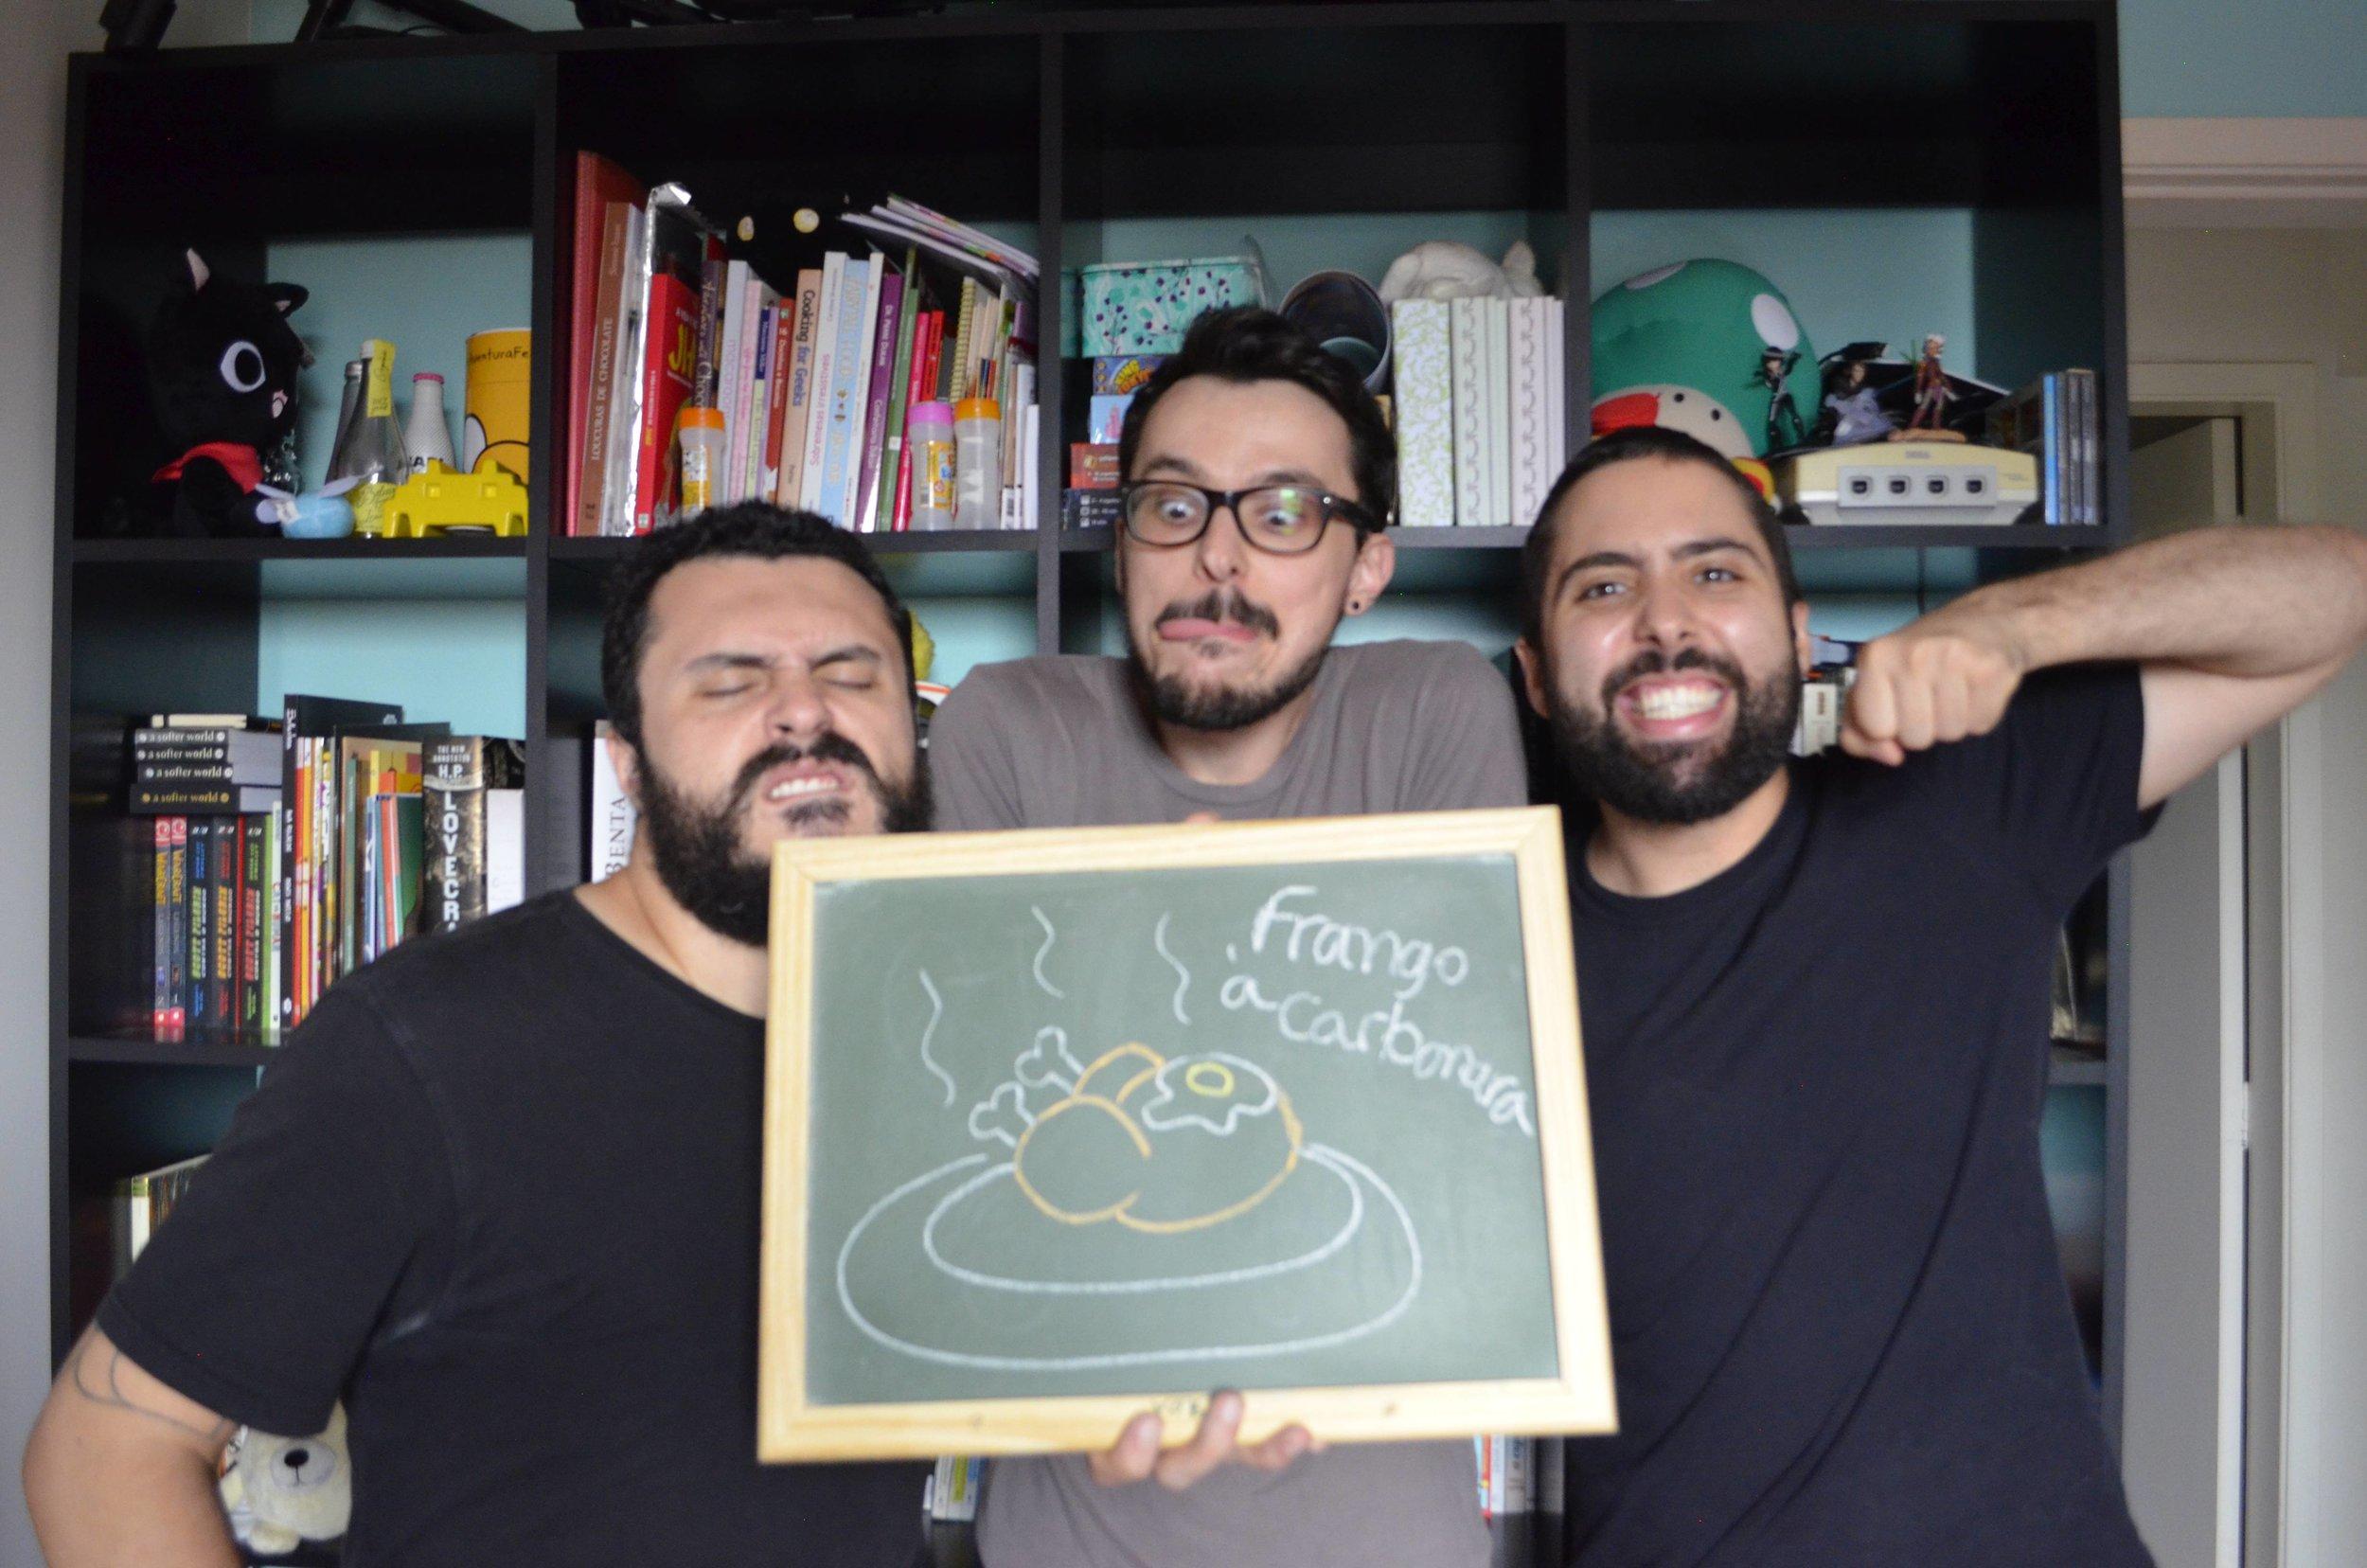 Franco-Carbonaro.jpg